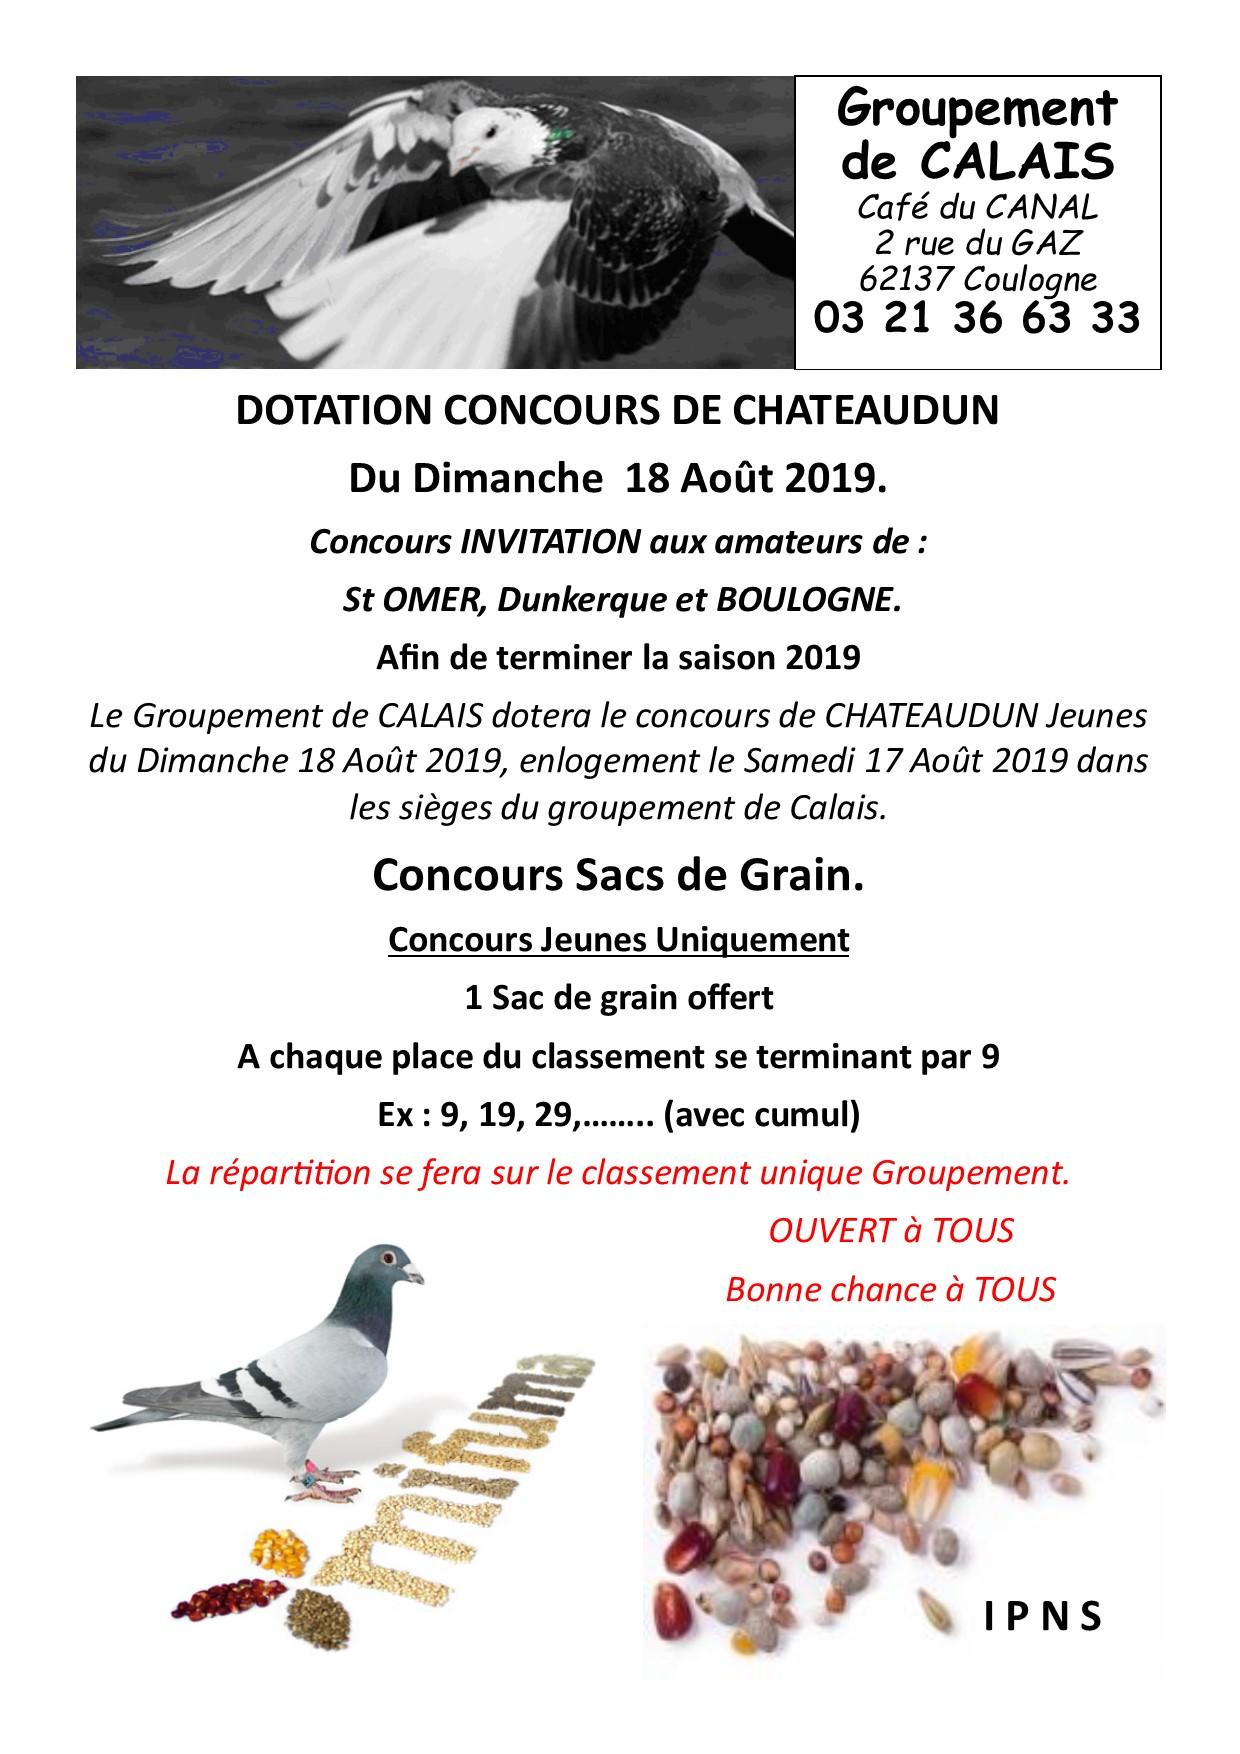 Dotation chateaudun 18 aout